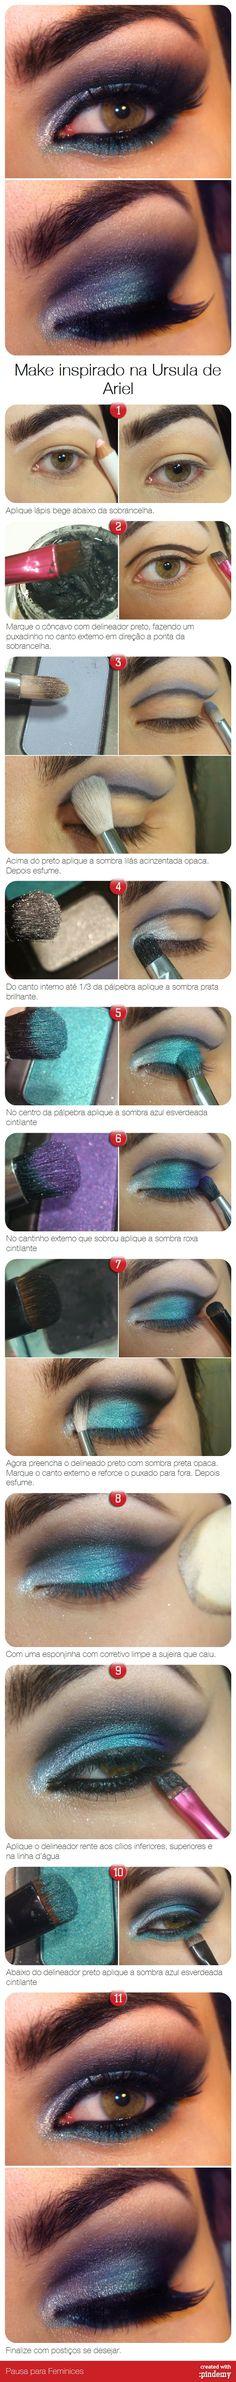 Make inspirado na Ursula de Ariel via pindemy.com